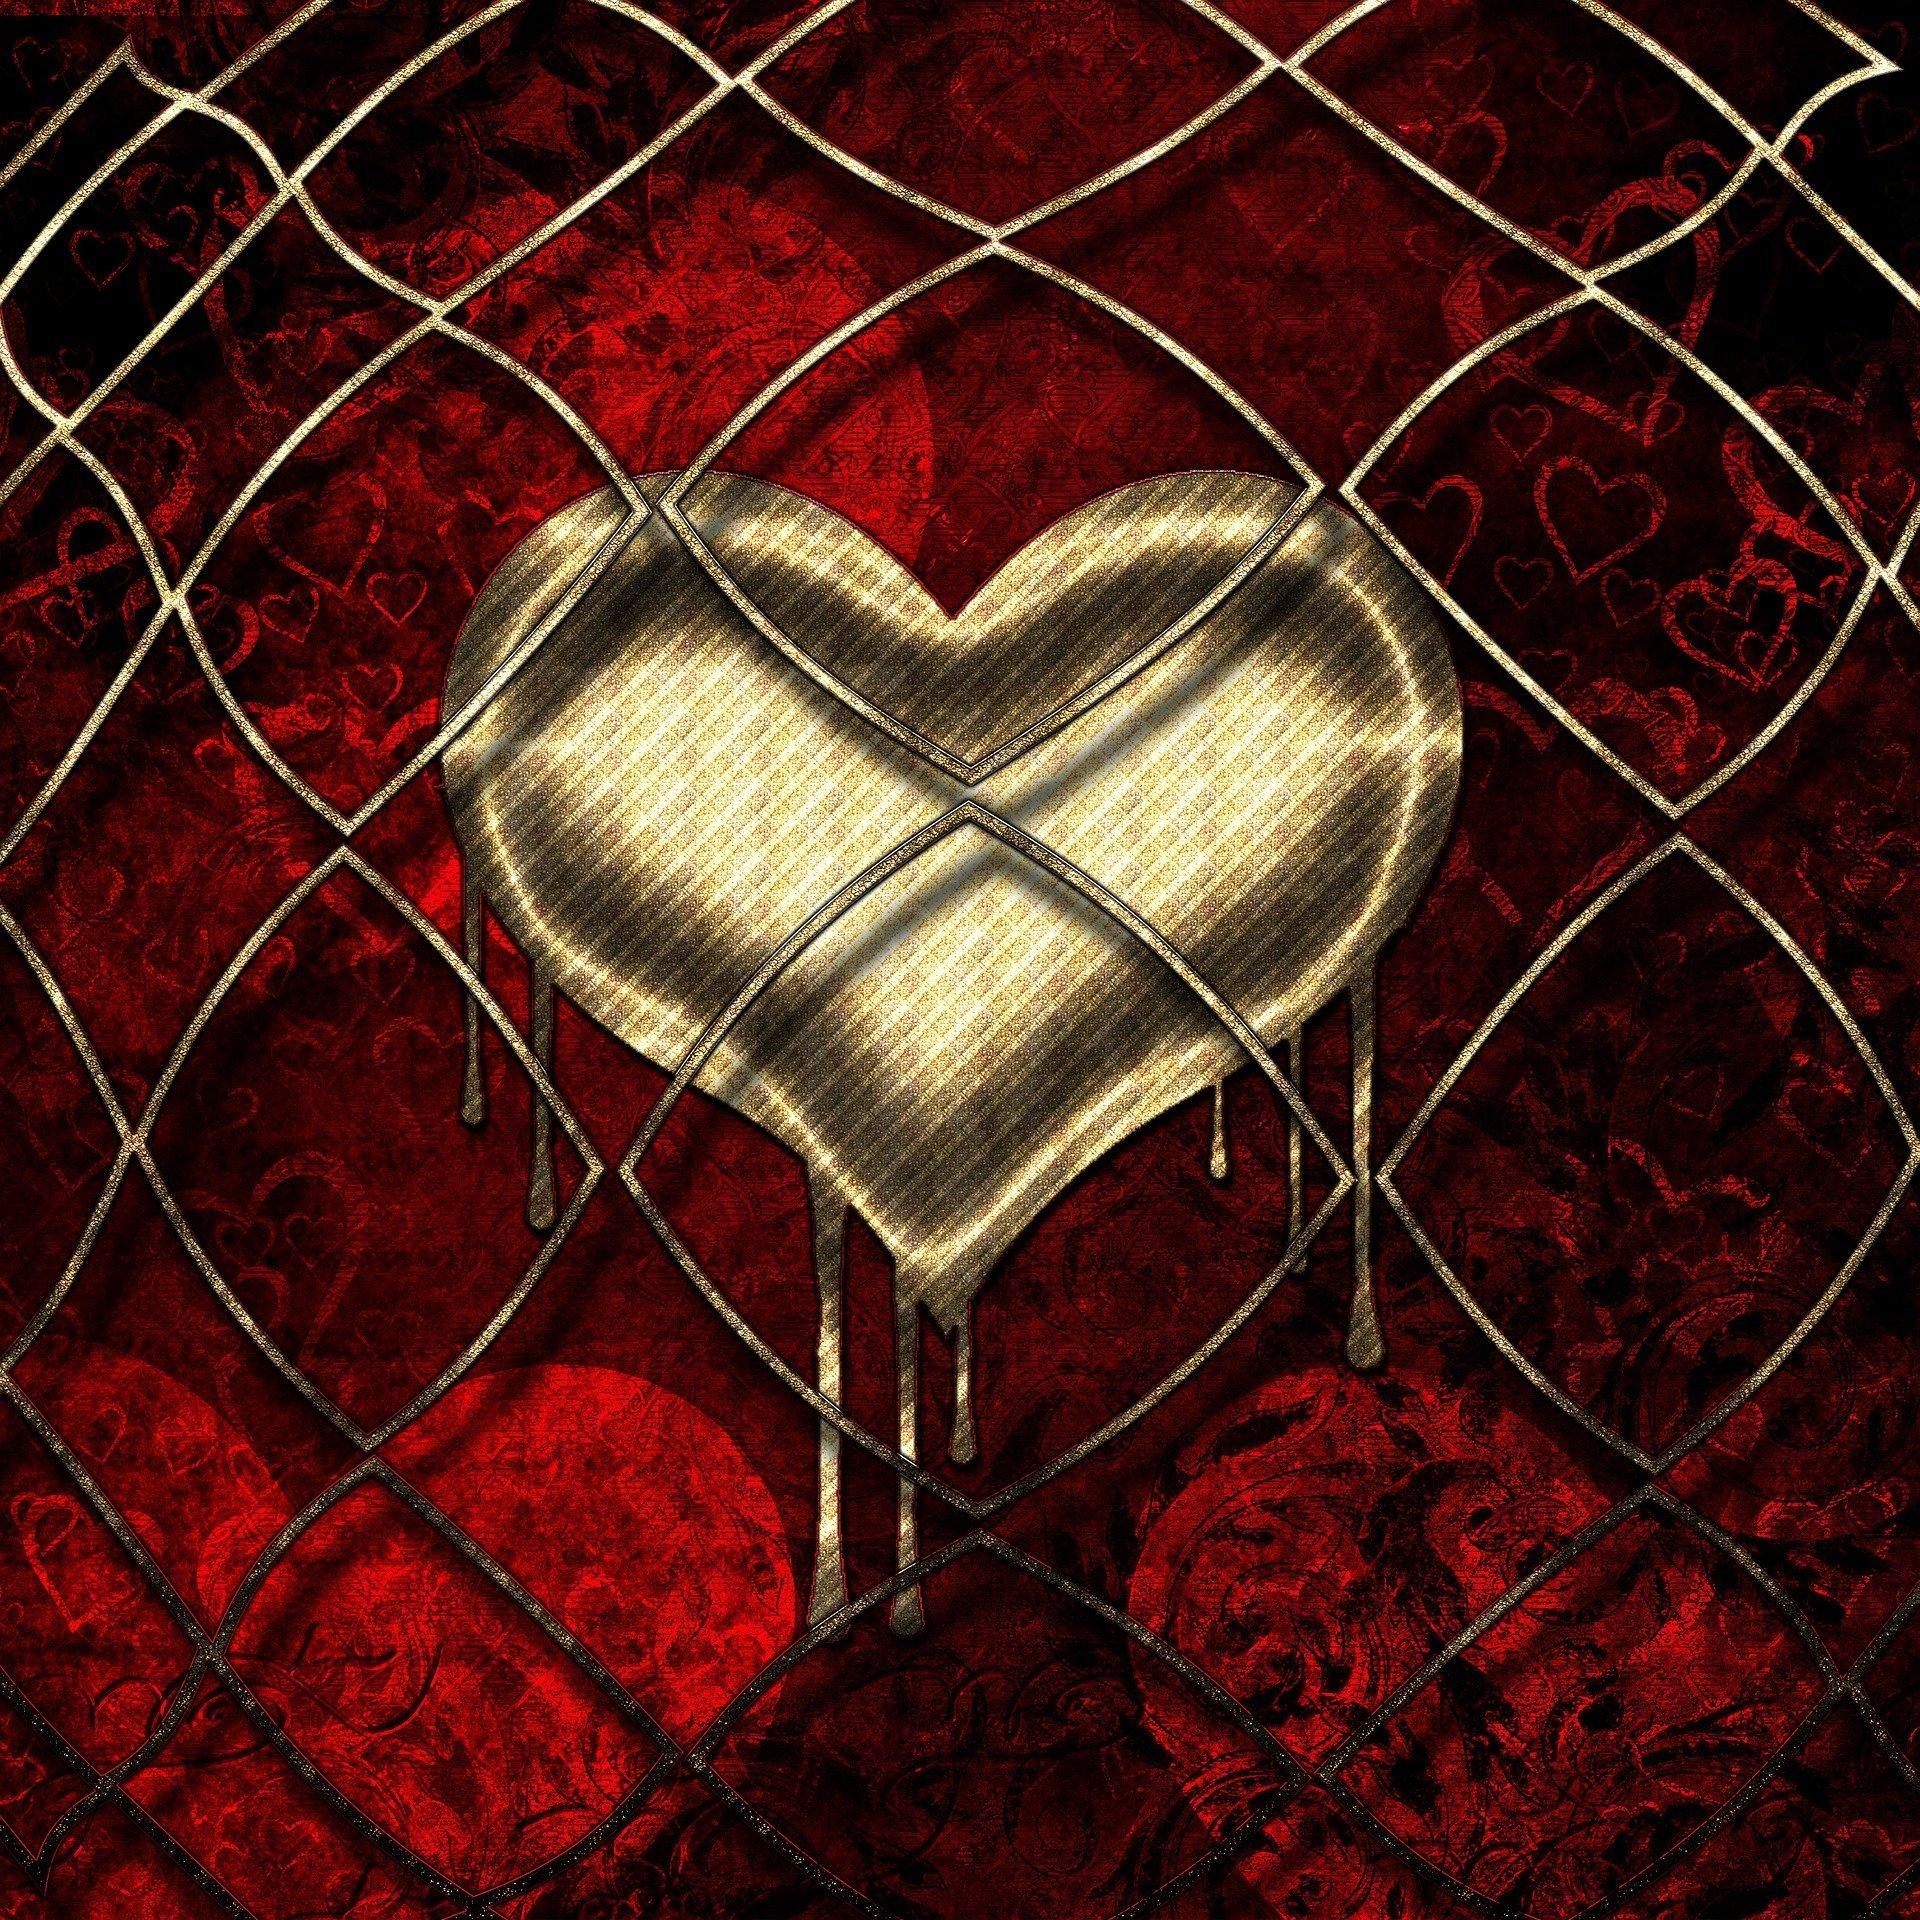 un cuore color oro che si scioglie, su sfondo rosso, dietro una rete metallica